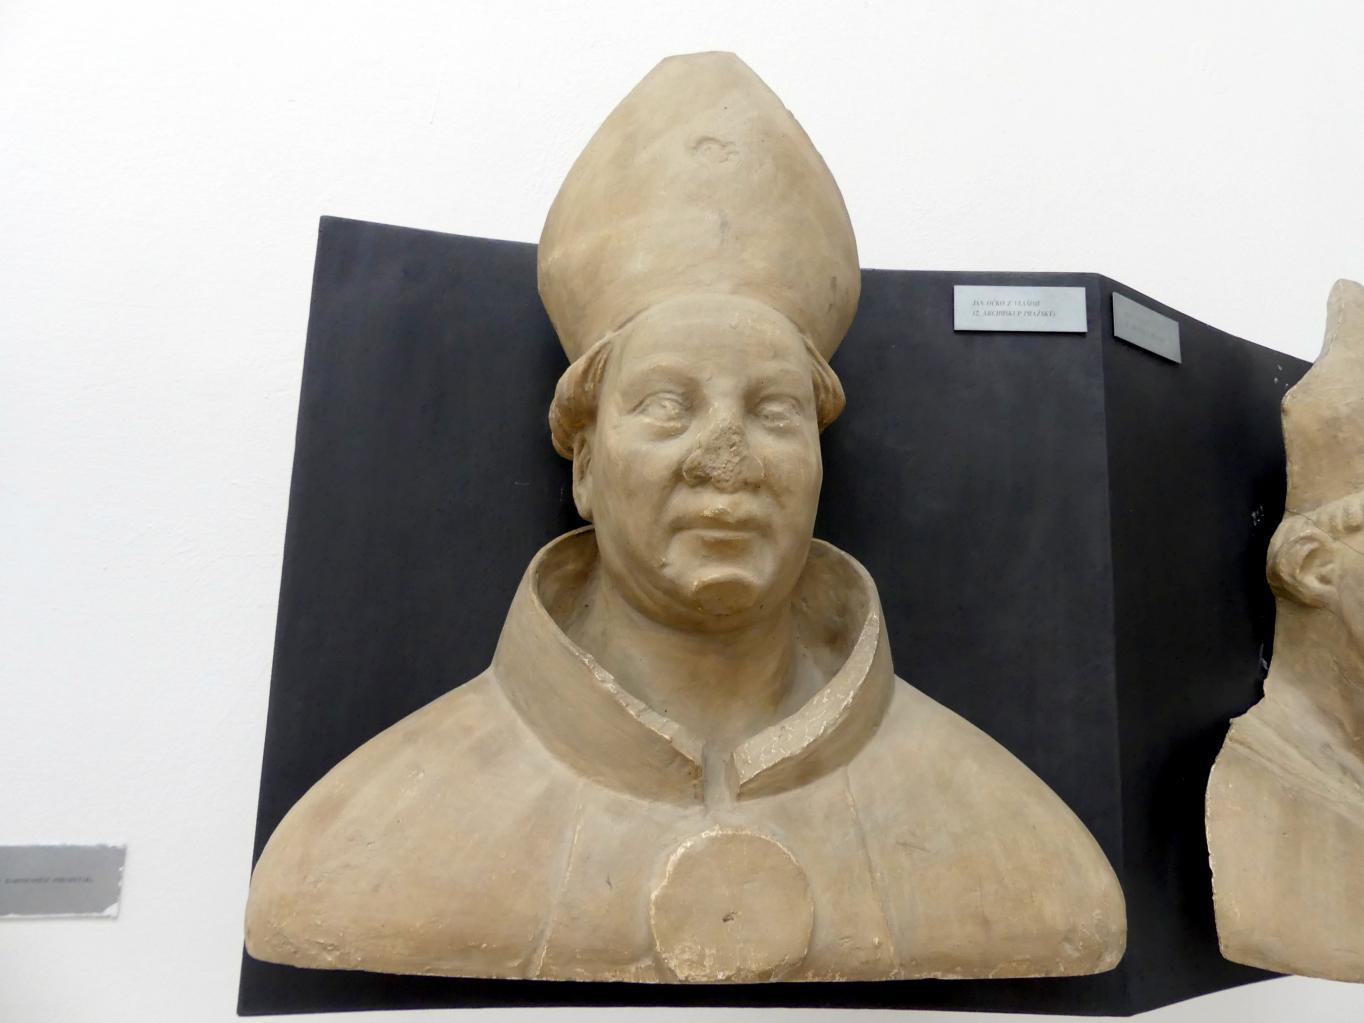 Peter Parler: Johann Očko von Wlašim, 2. Erzbischof von Prag, 1376 - 1385